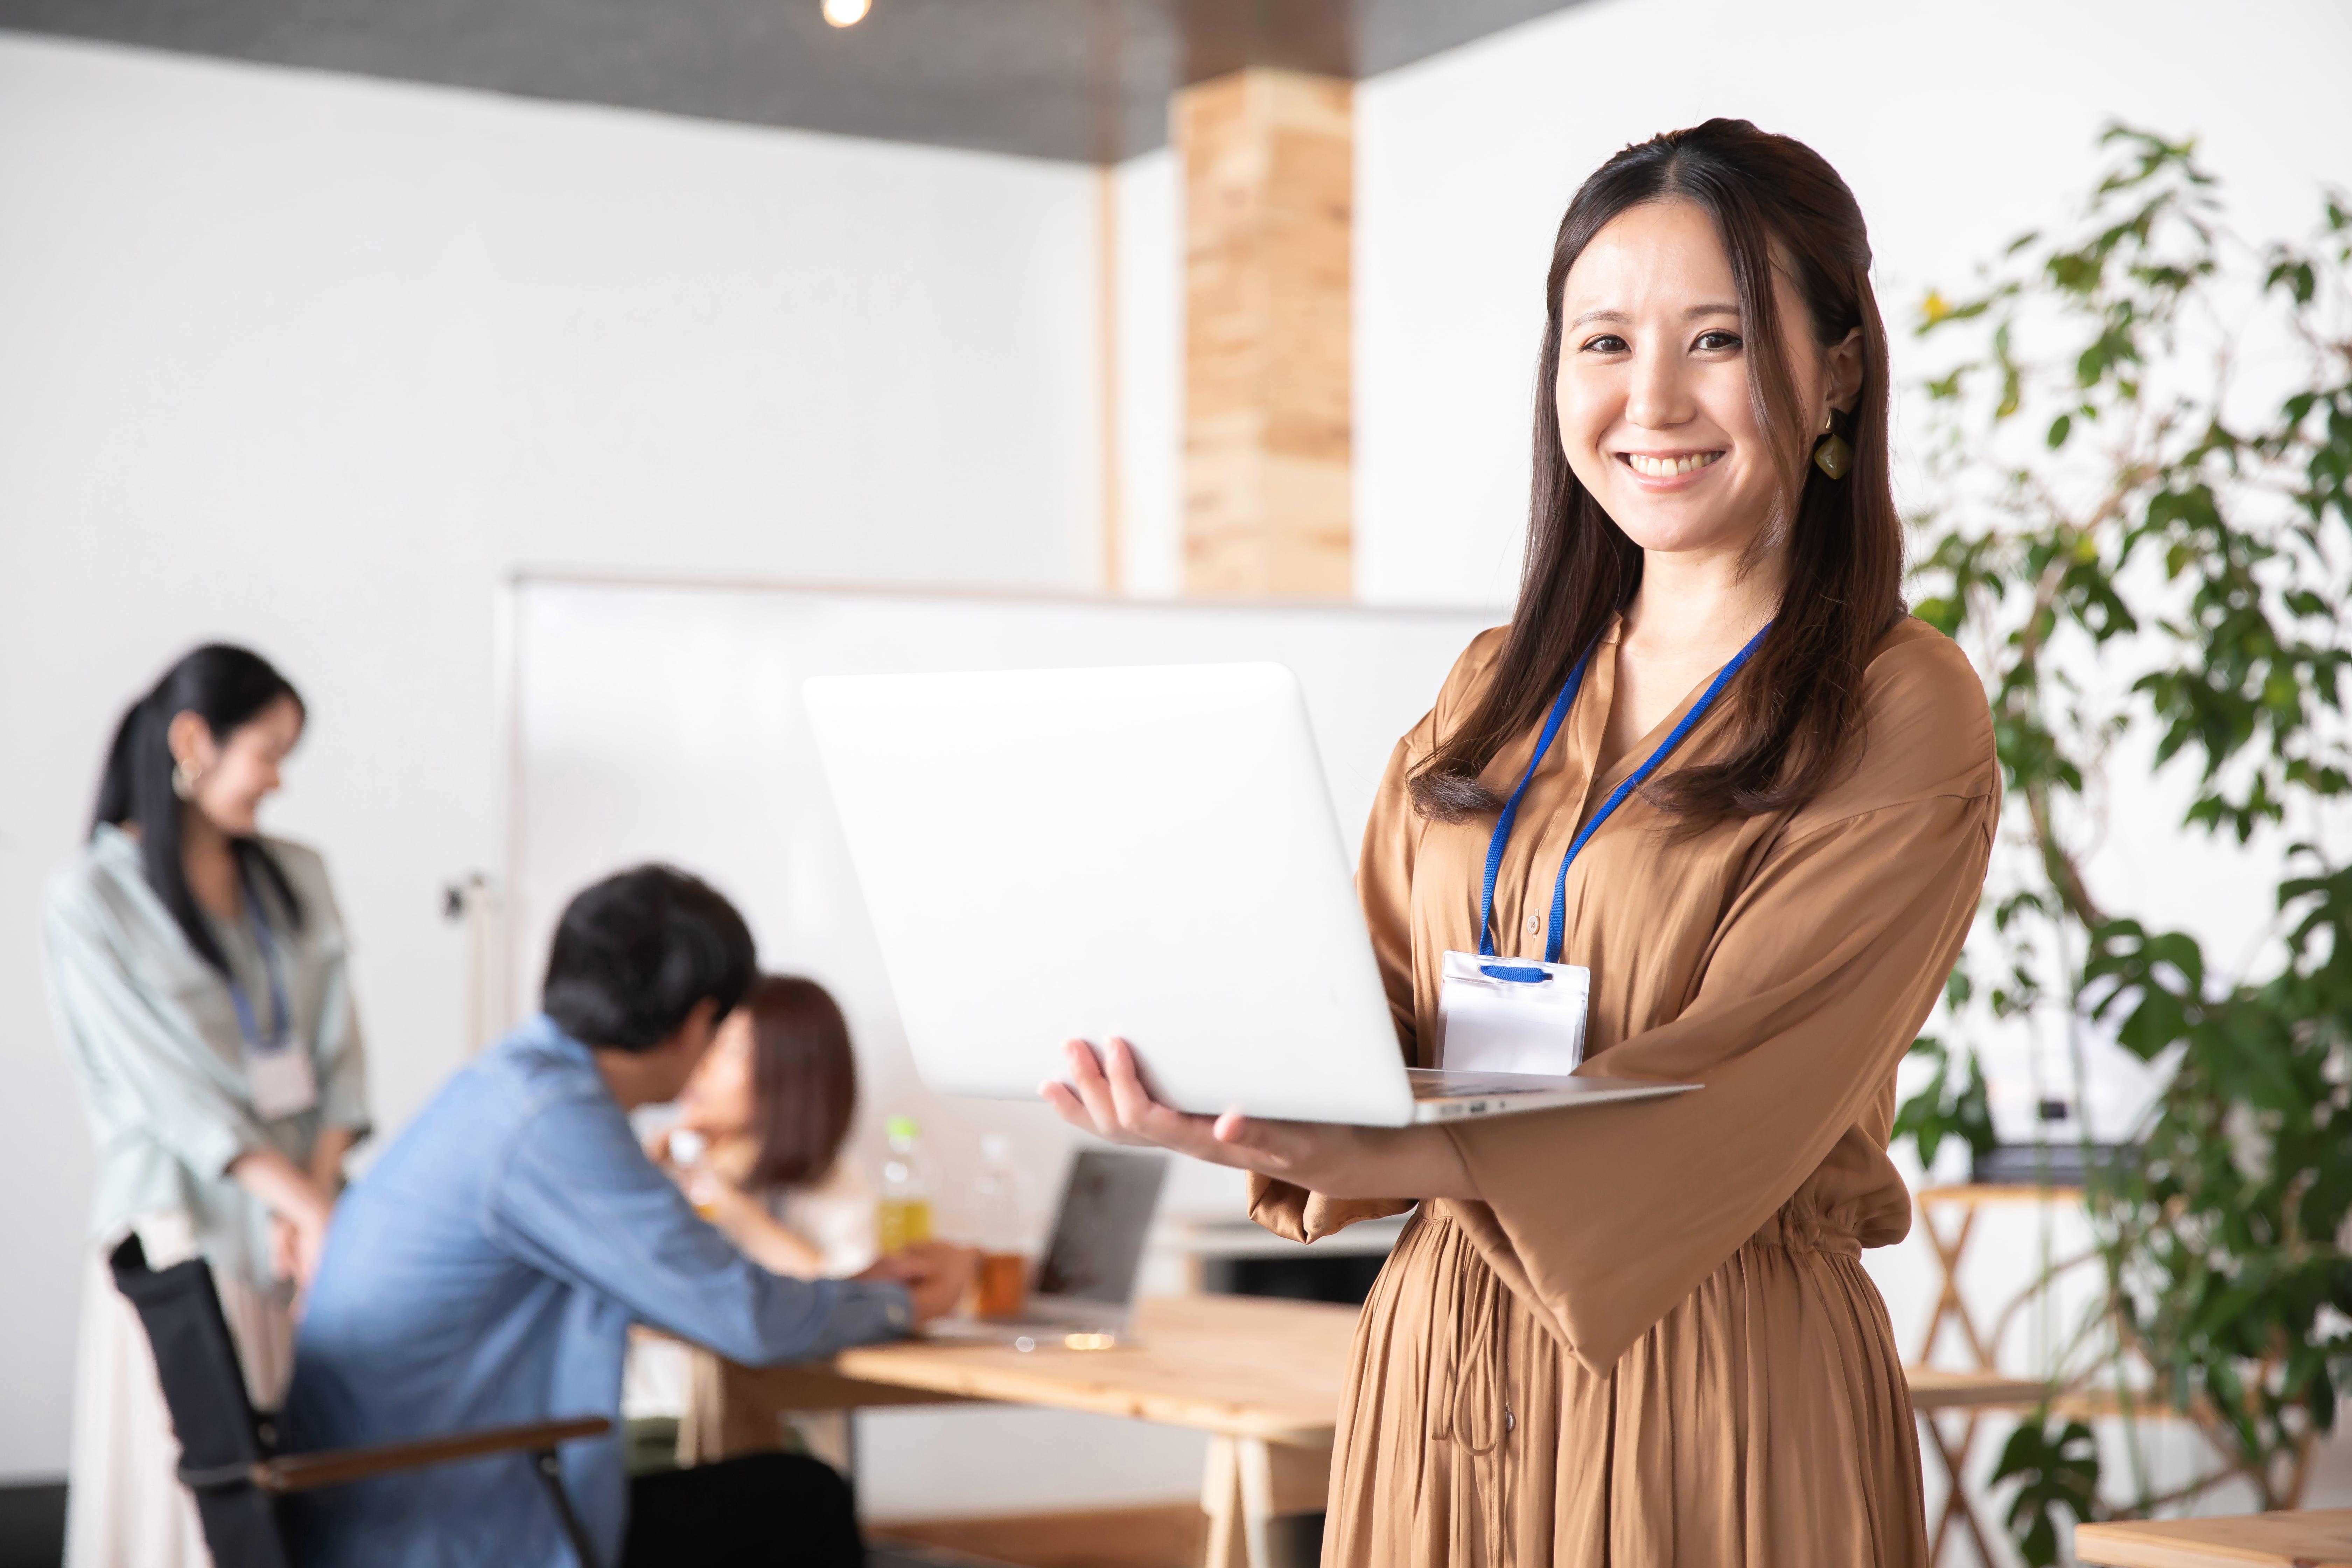 オフィスでパソコン操作する女性